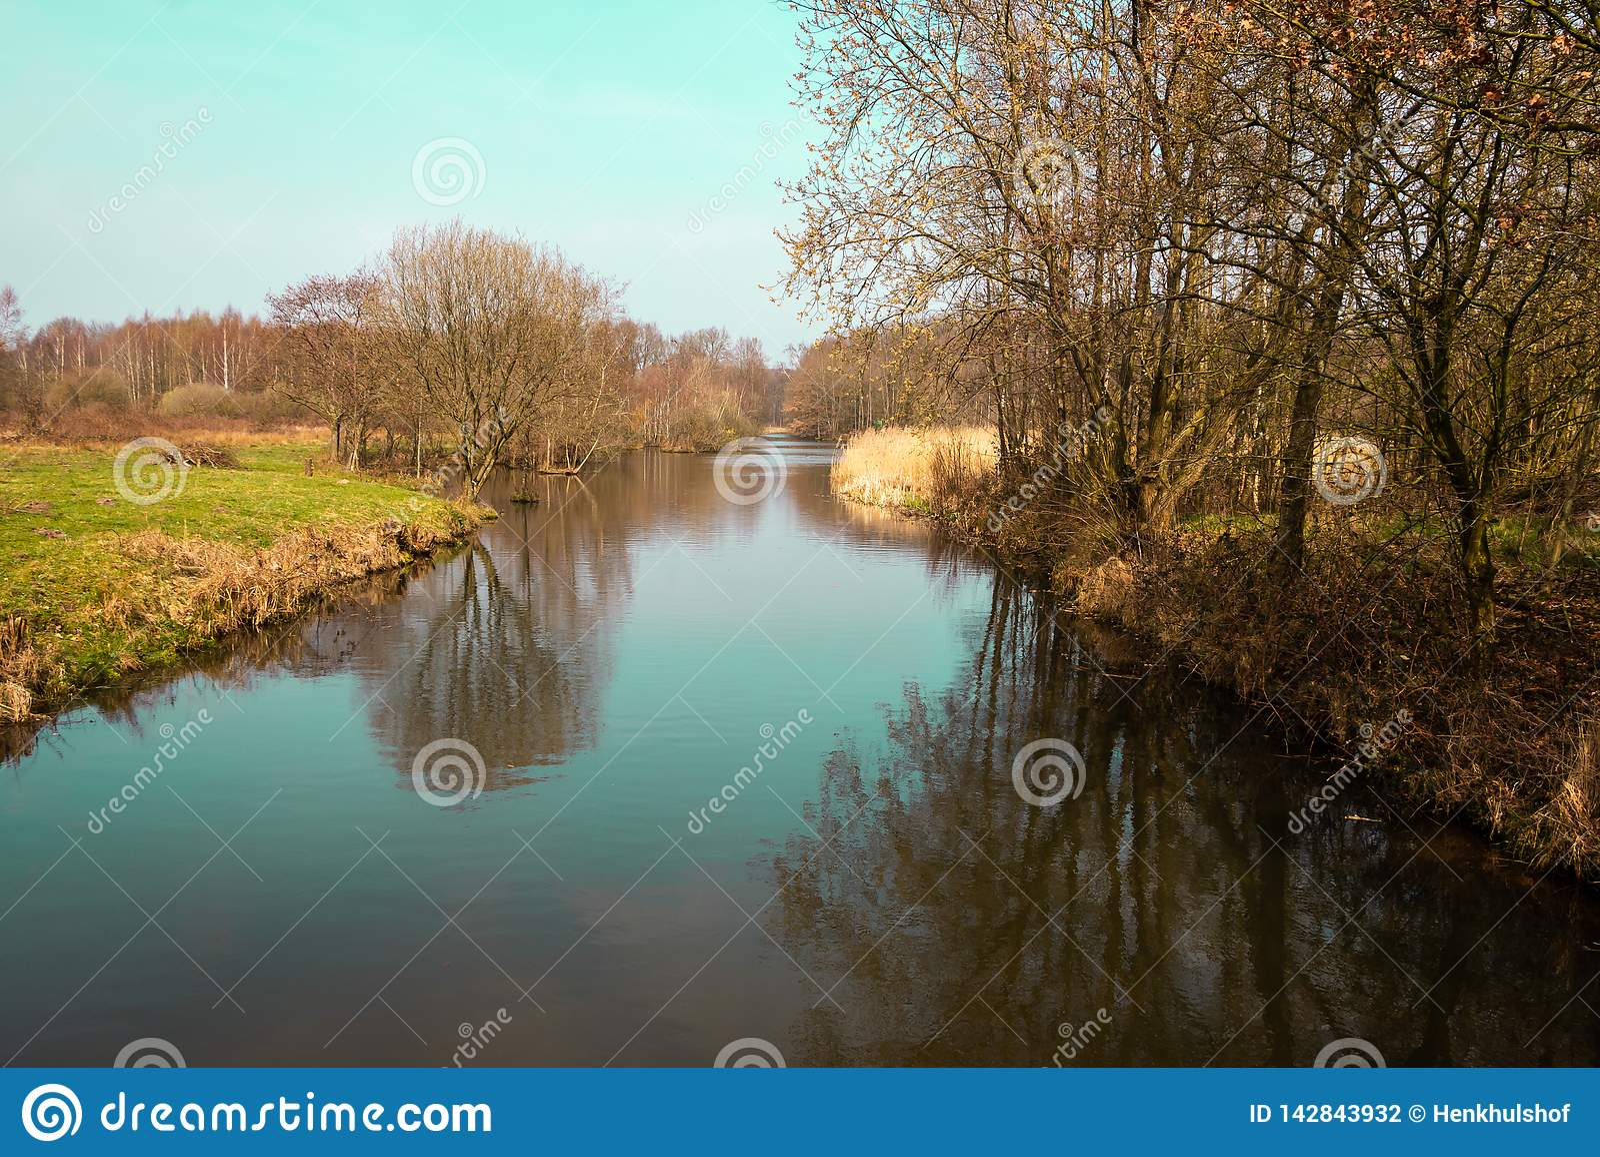 Διοχετεύστε το Zandwetering κοντινό Hengforden